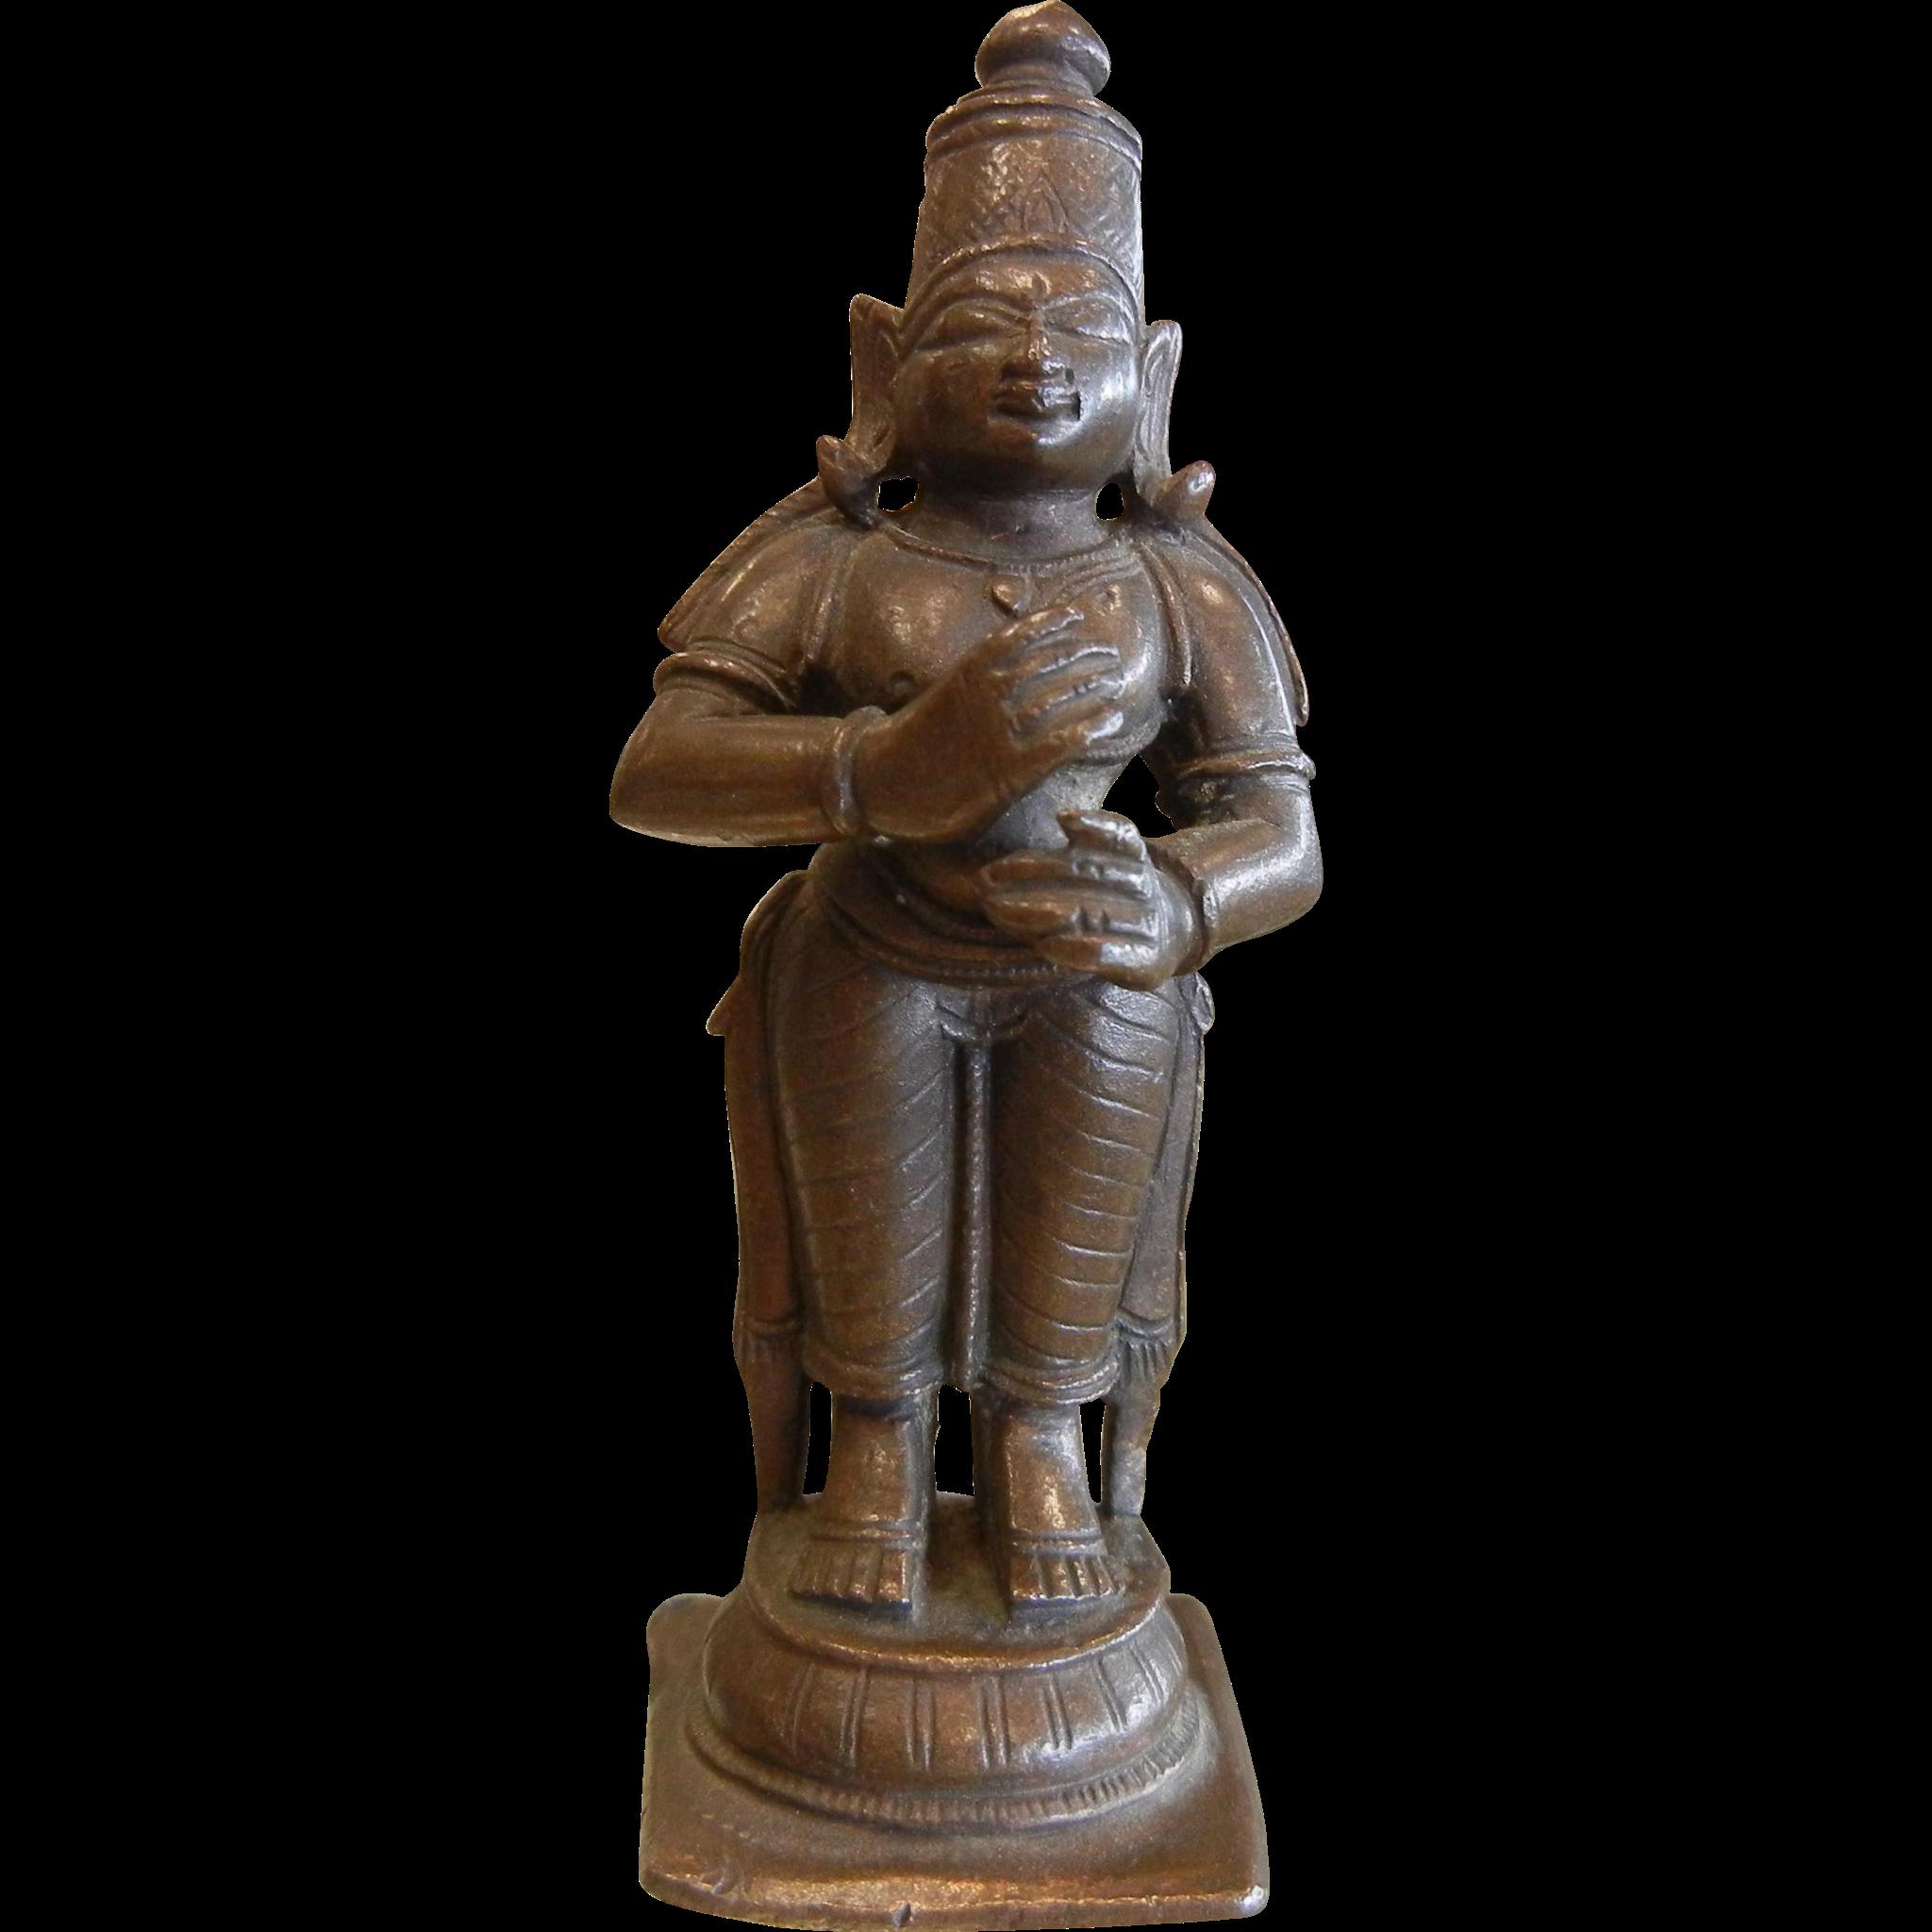 Bronze Hindu Deity Figurine Goddess Uma (Parvati)